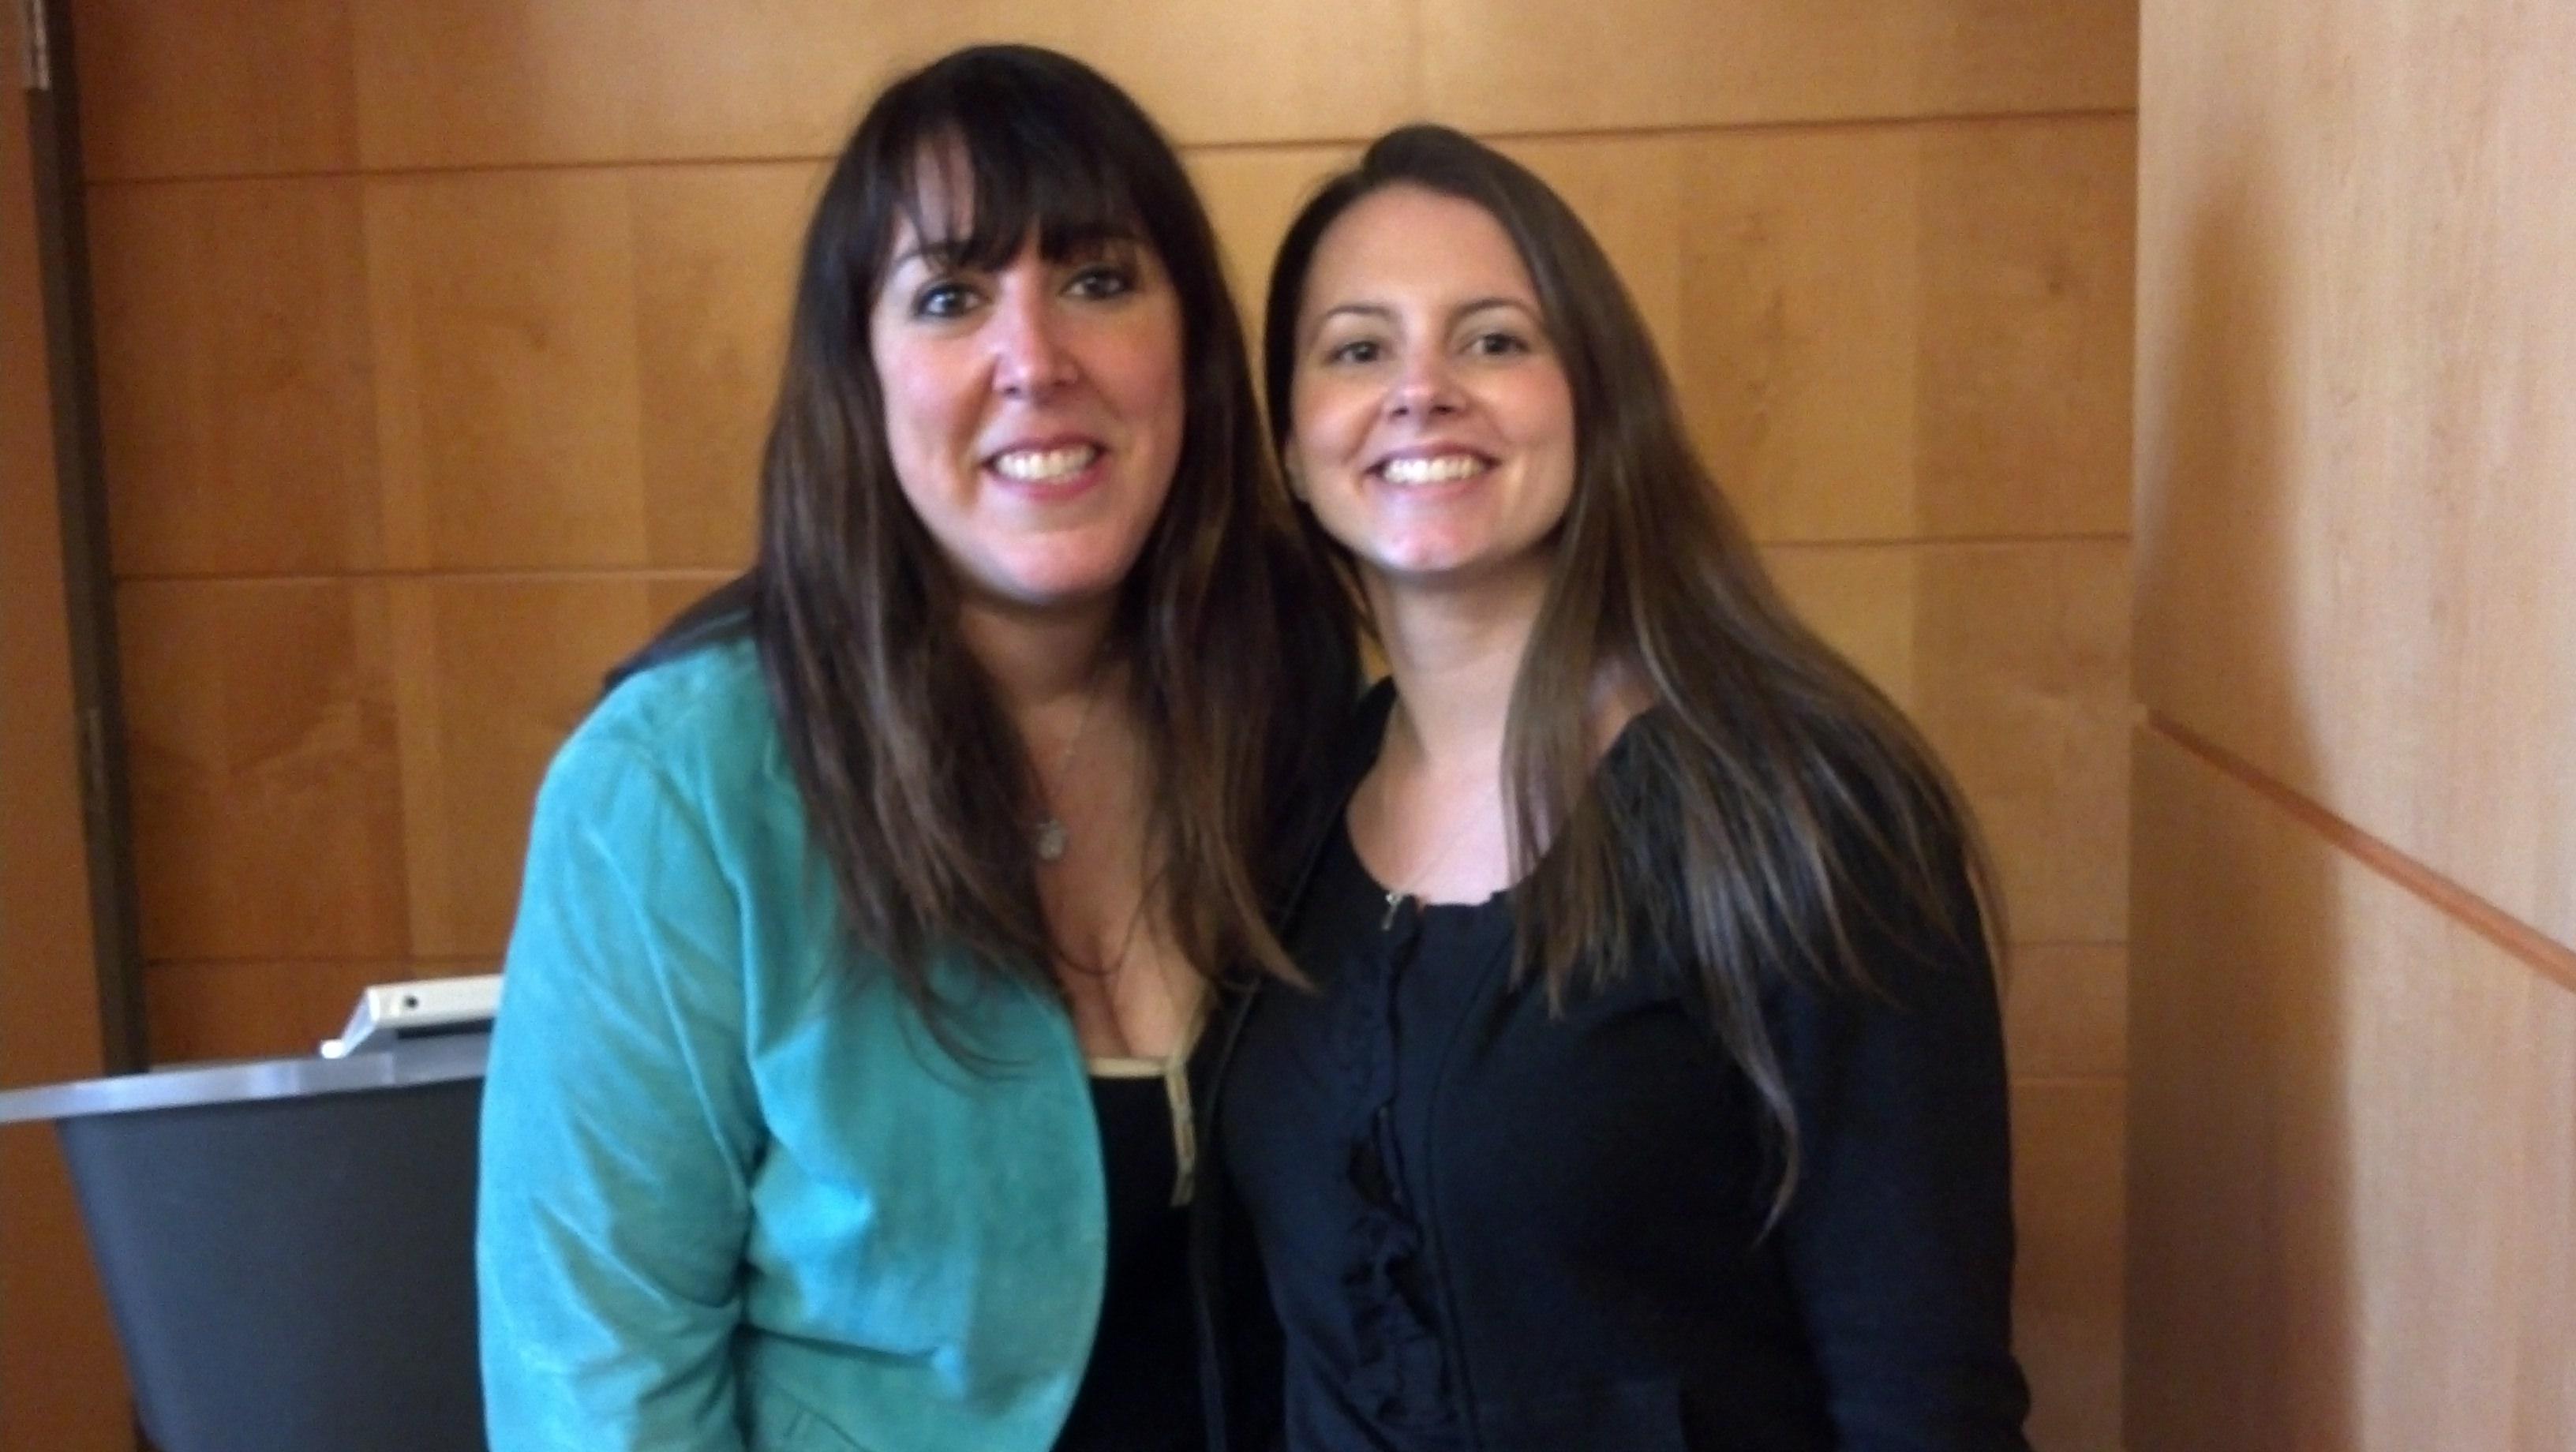 Jessica & Simone Elkeles